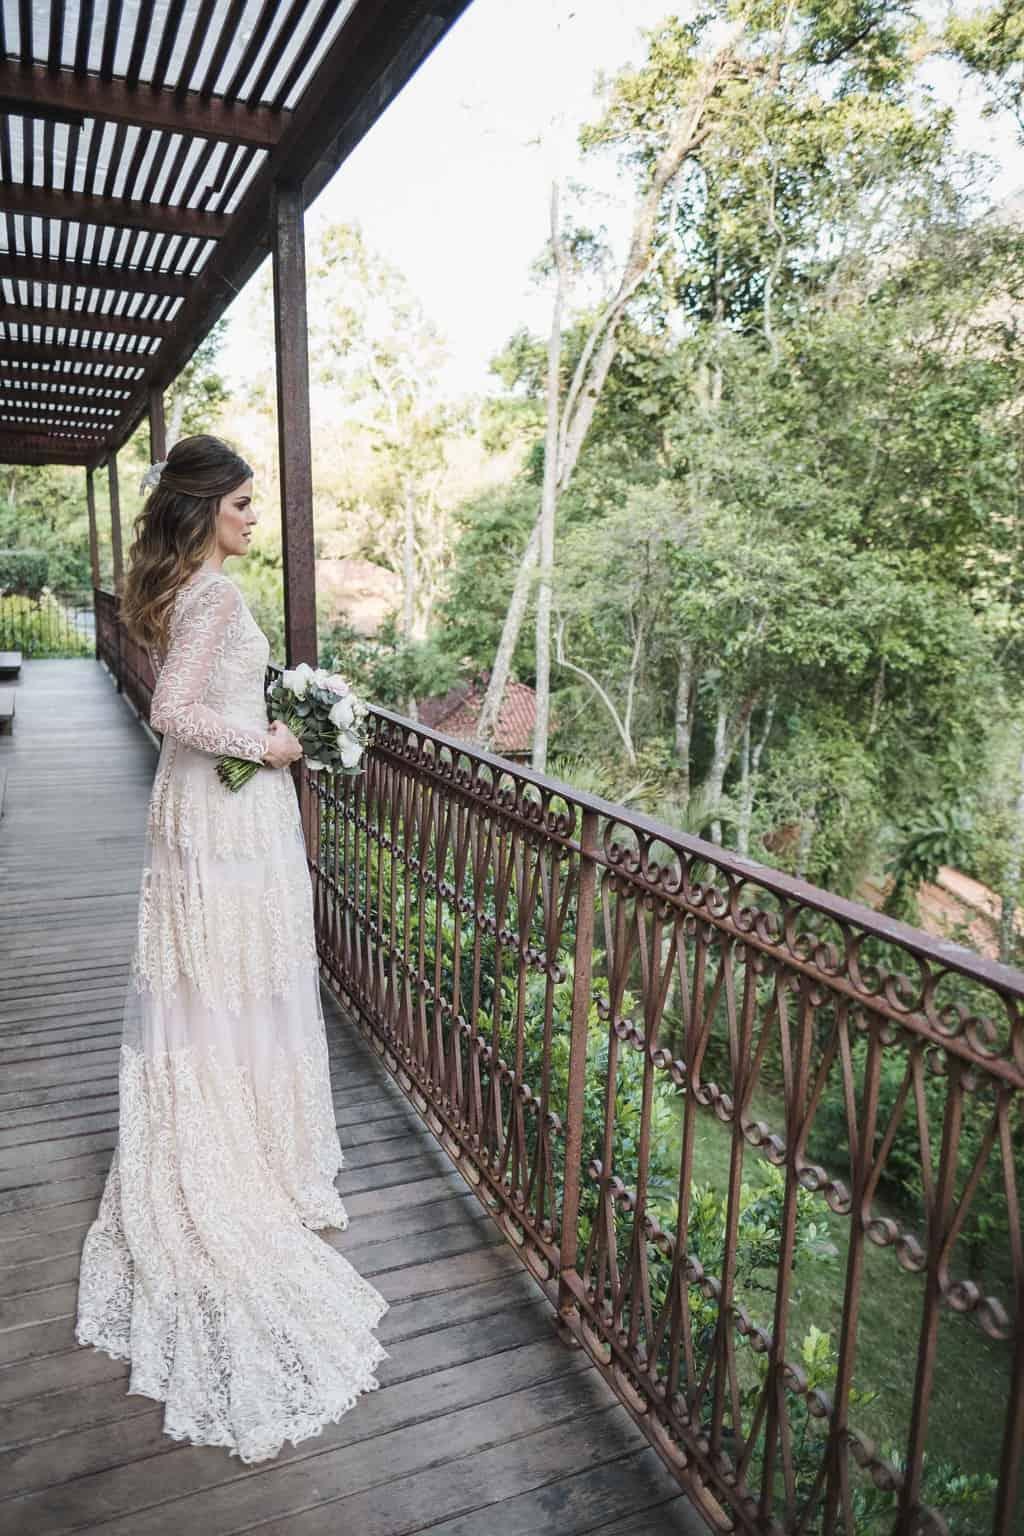 beleza-da-noiva-casamento-na-serra-Fotografia-Renata-Xavier-Les-Amies-Cerimonial-Locanda-Della-Mimosa-Natalia-e-Bruno-vestido-de-noiva288